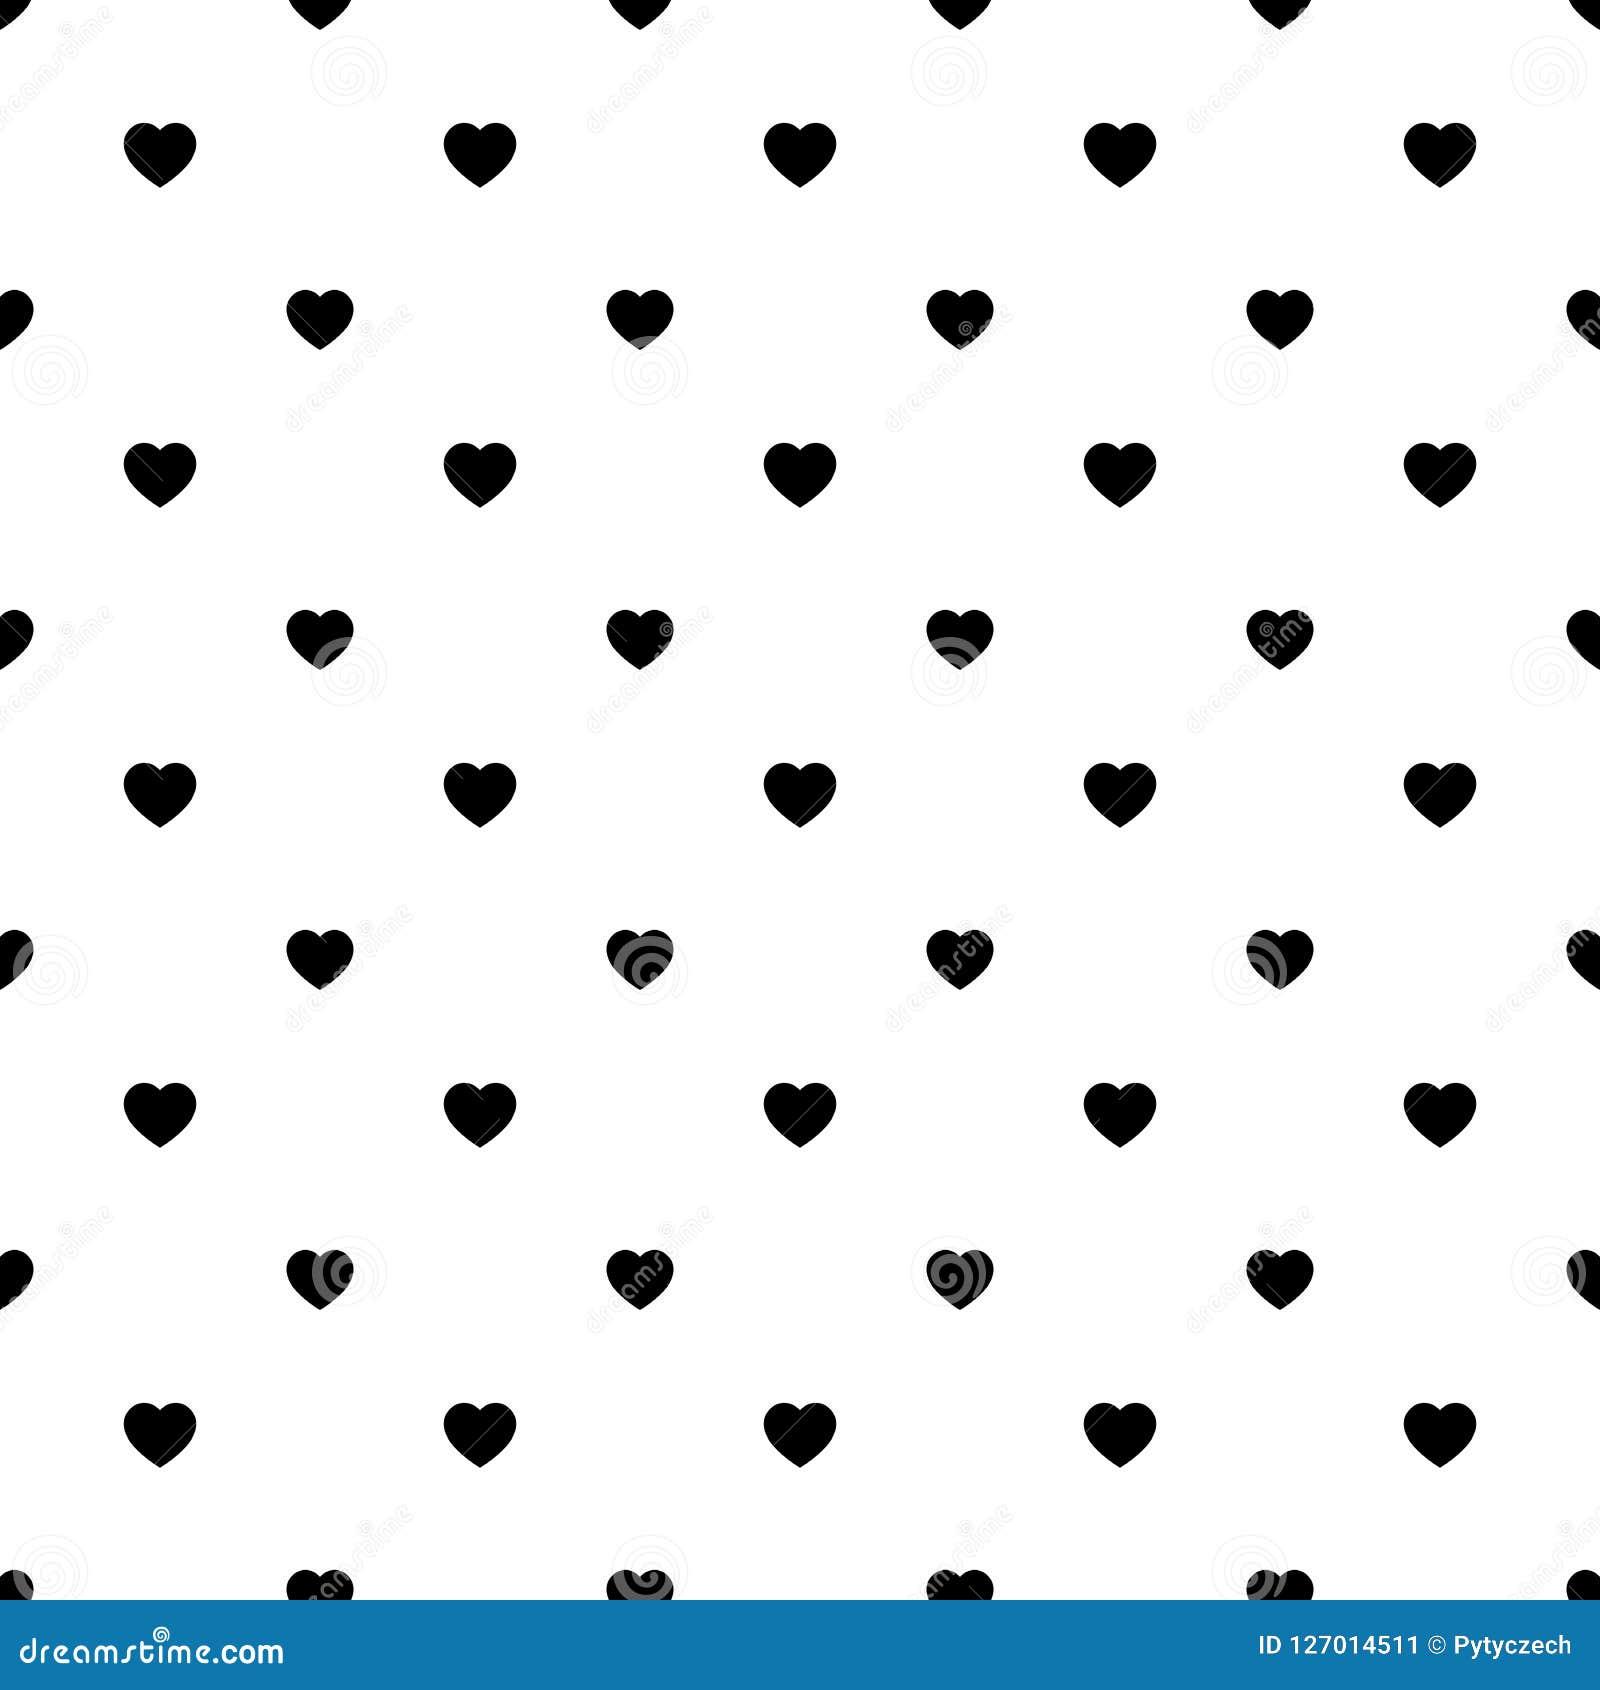 Simple Heart Shape Seamless Pattern In Diagonal Arrangement